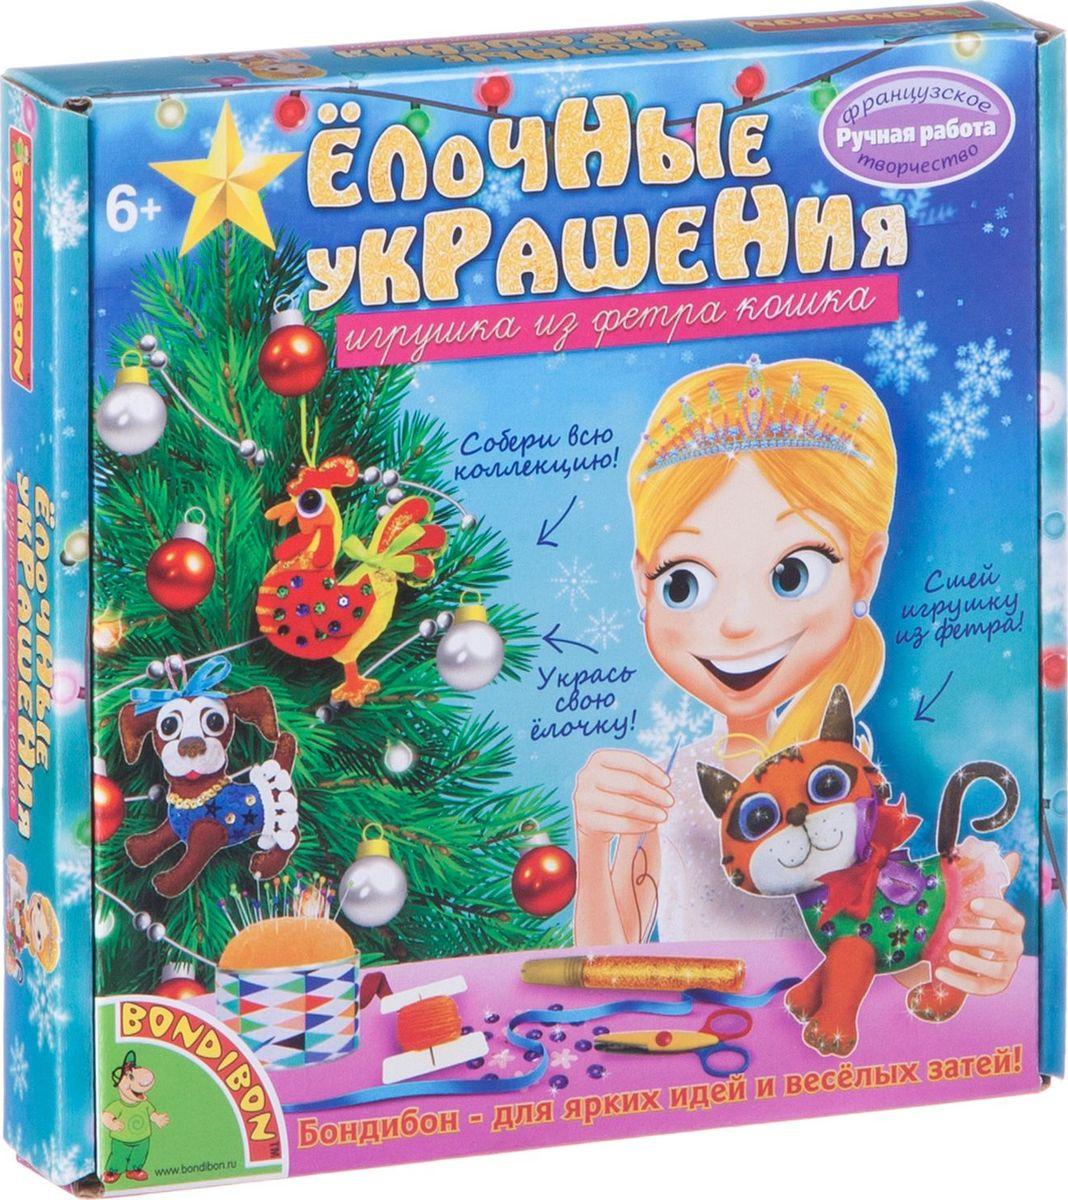 Bondibon Набор для изготовления игрушки Ёлочные украшения из фетра Кошка bondibon набор для изготовления игрушек ёлочные украшения вв1688